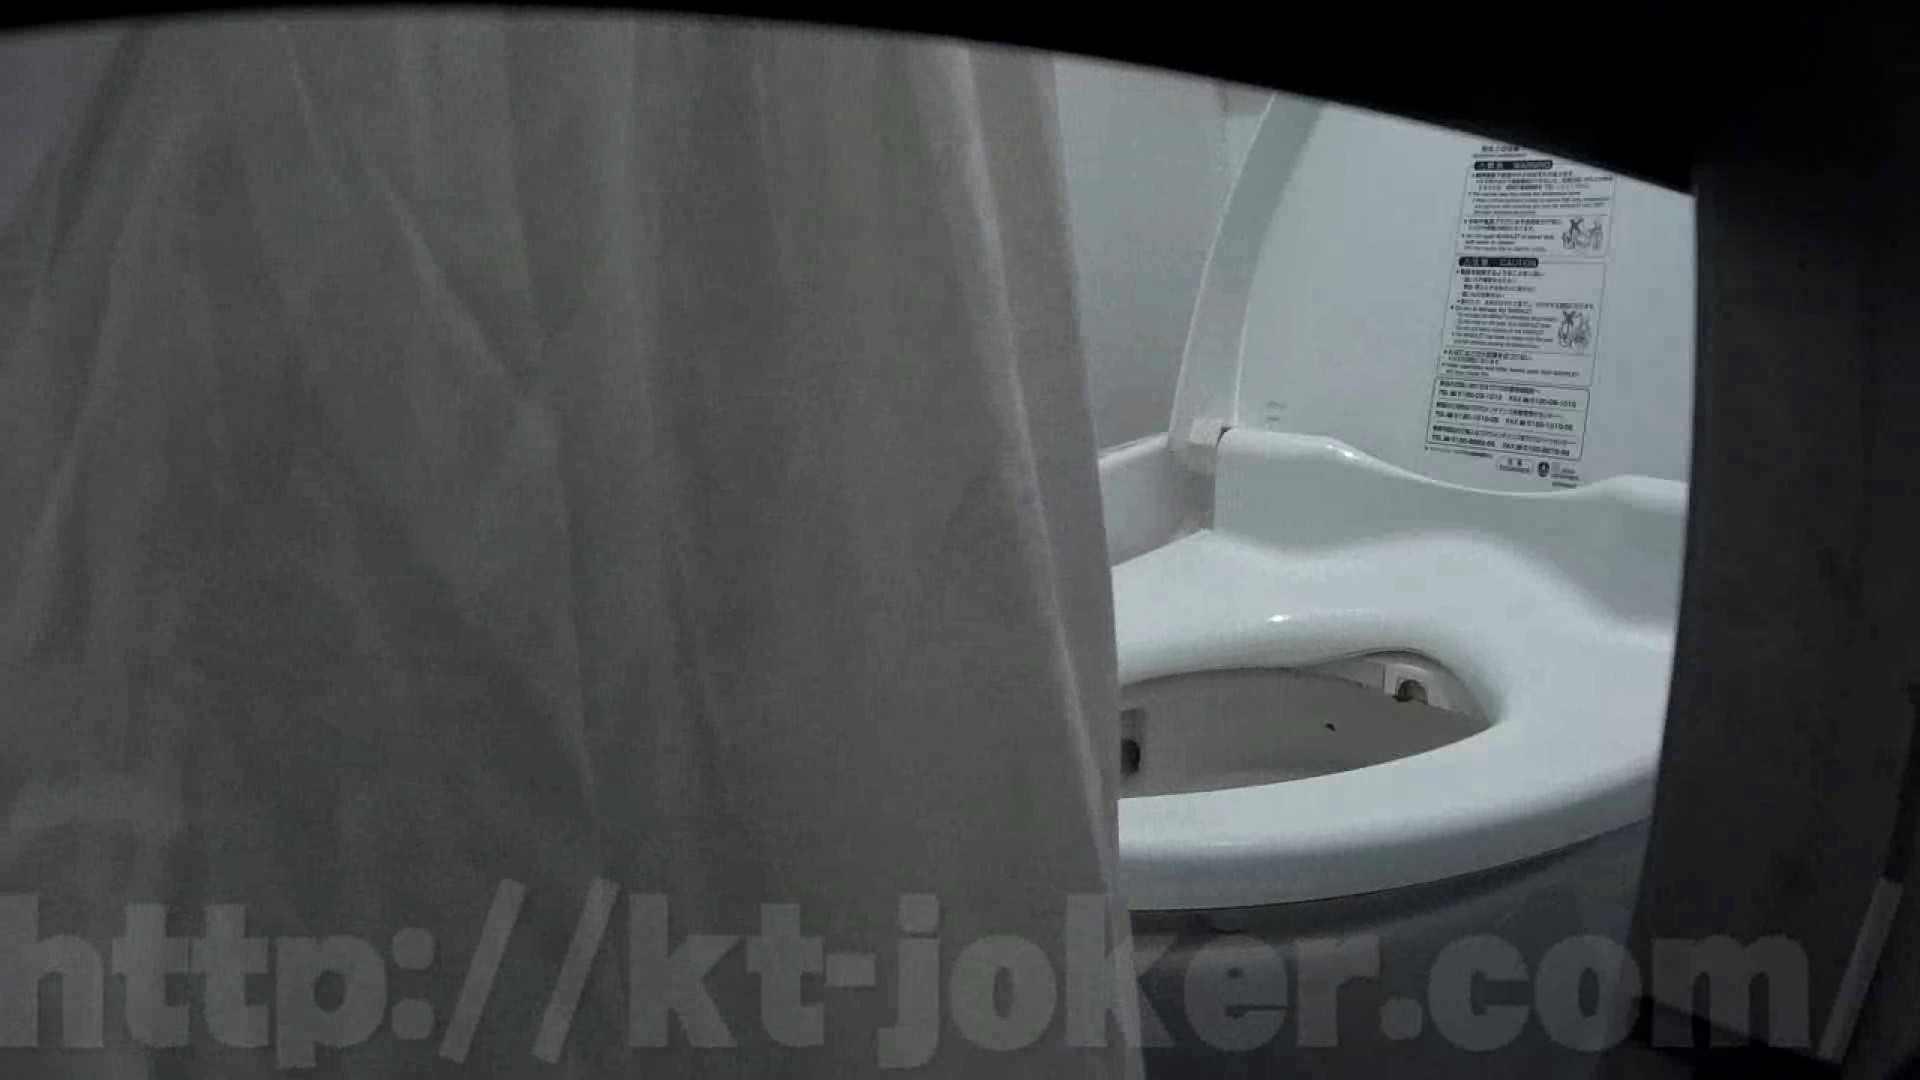 某有名大学女性洗面所 vol.34 投稿物 アダルト動画キャプチャ 99連発 22